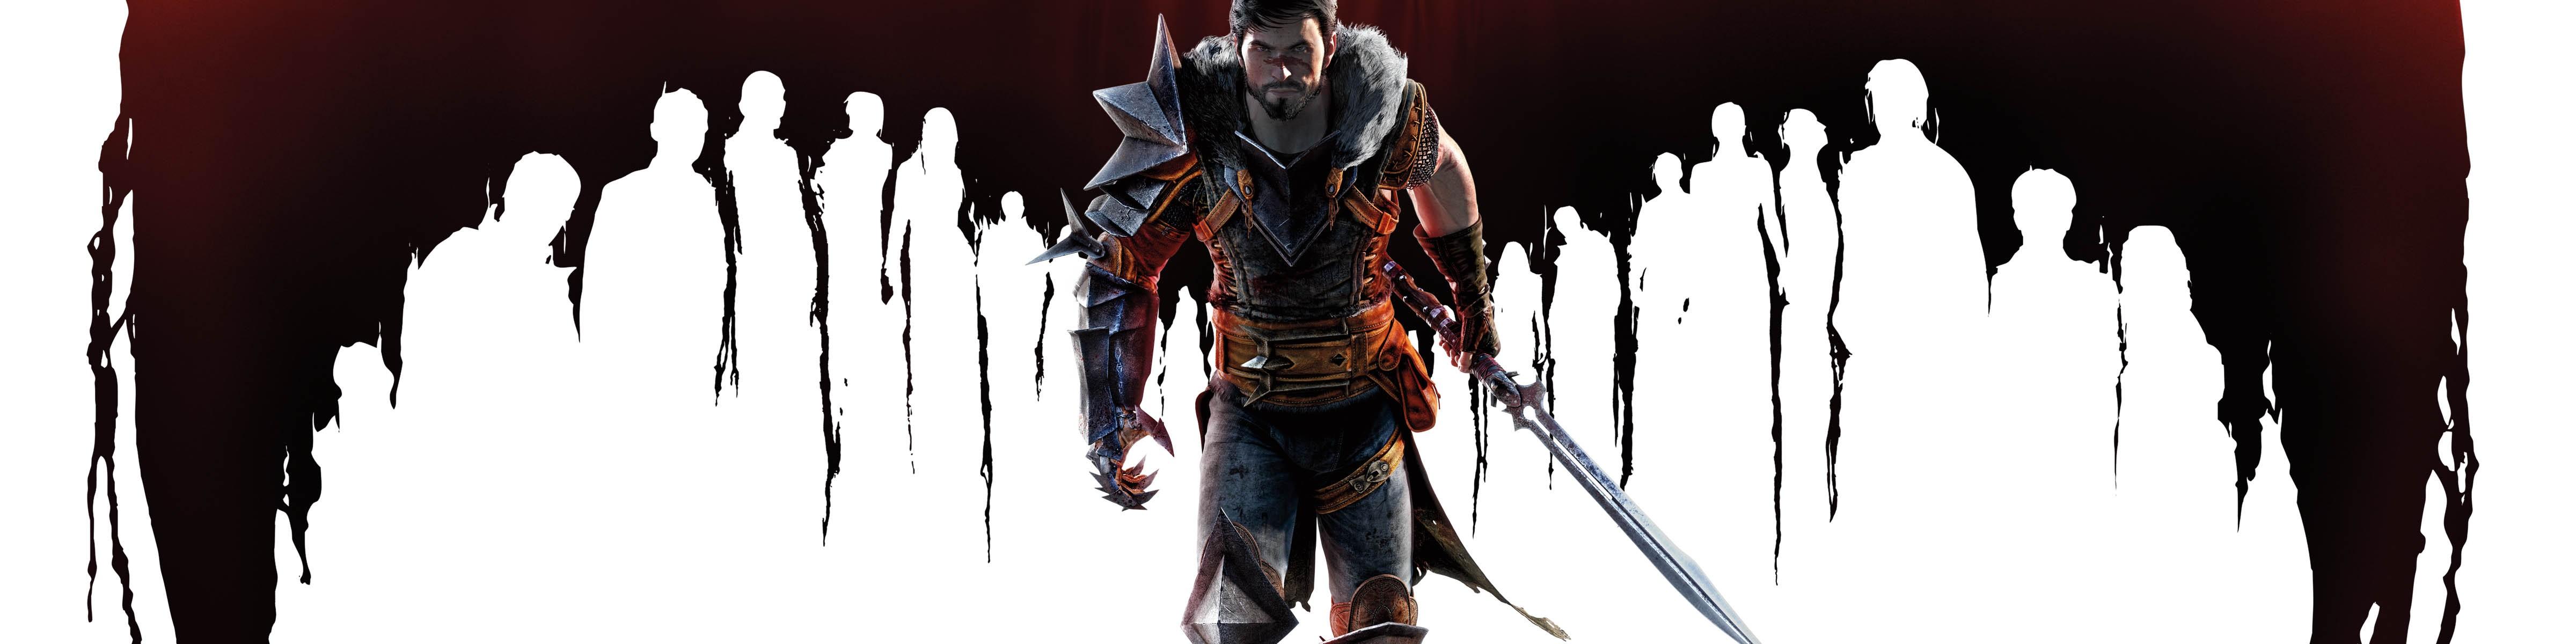 dragon age 2 download torrent crack